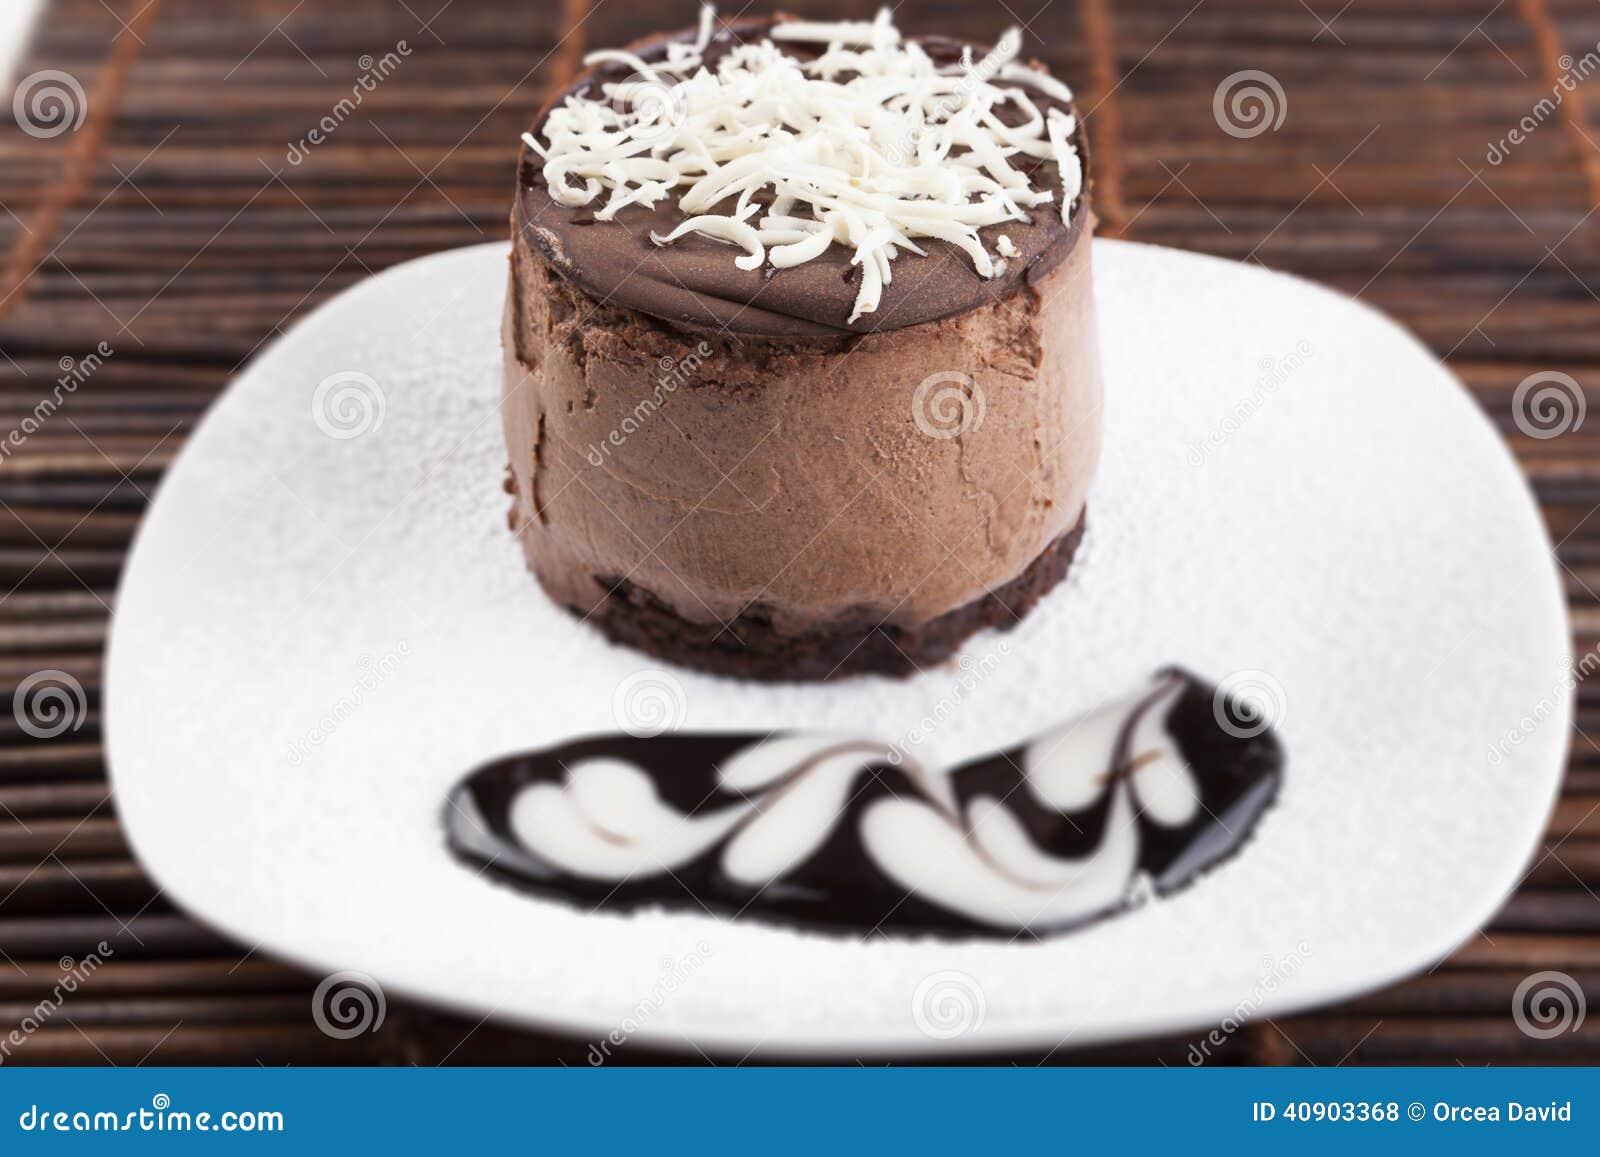 Torta de la crema batida